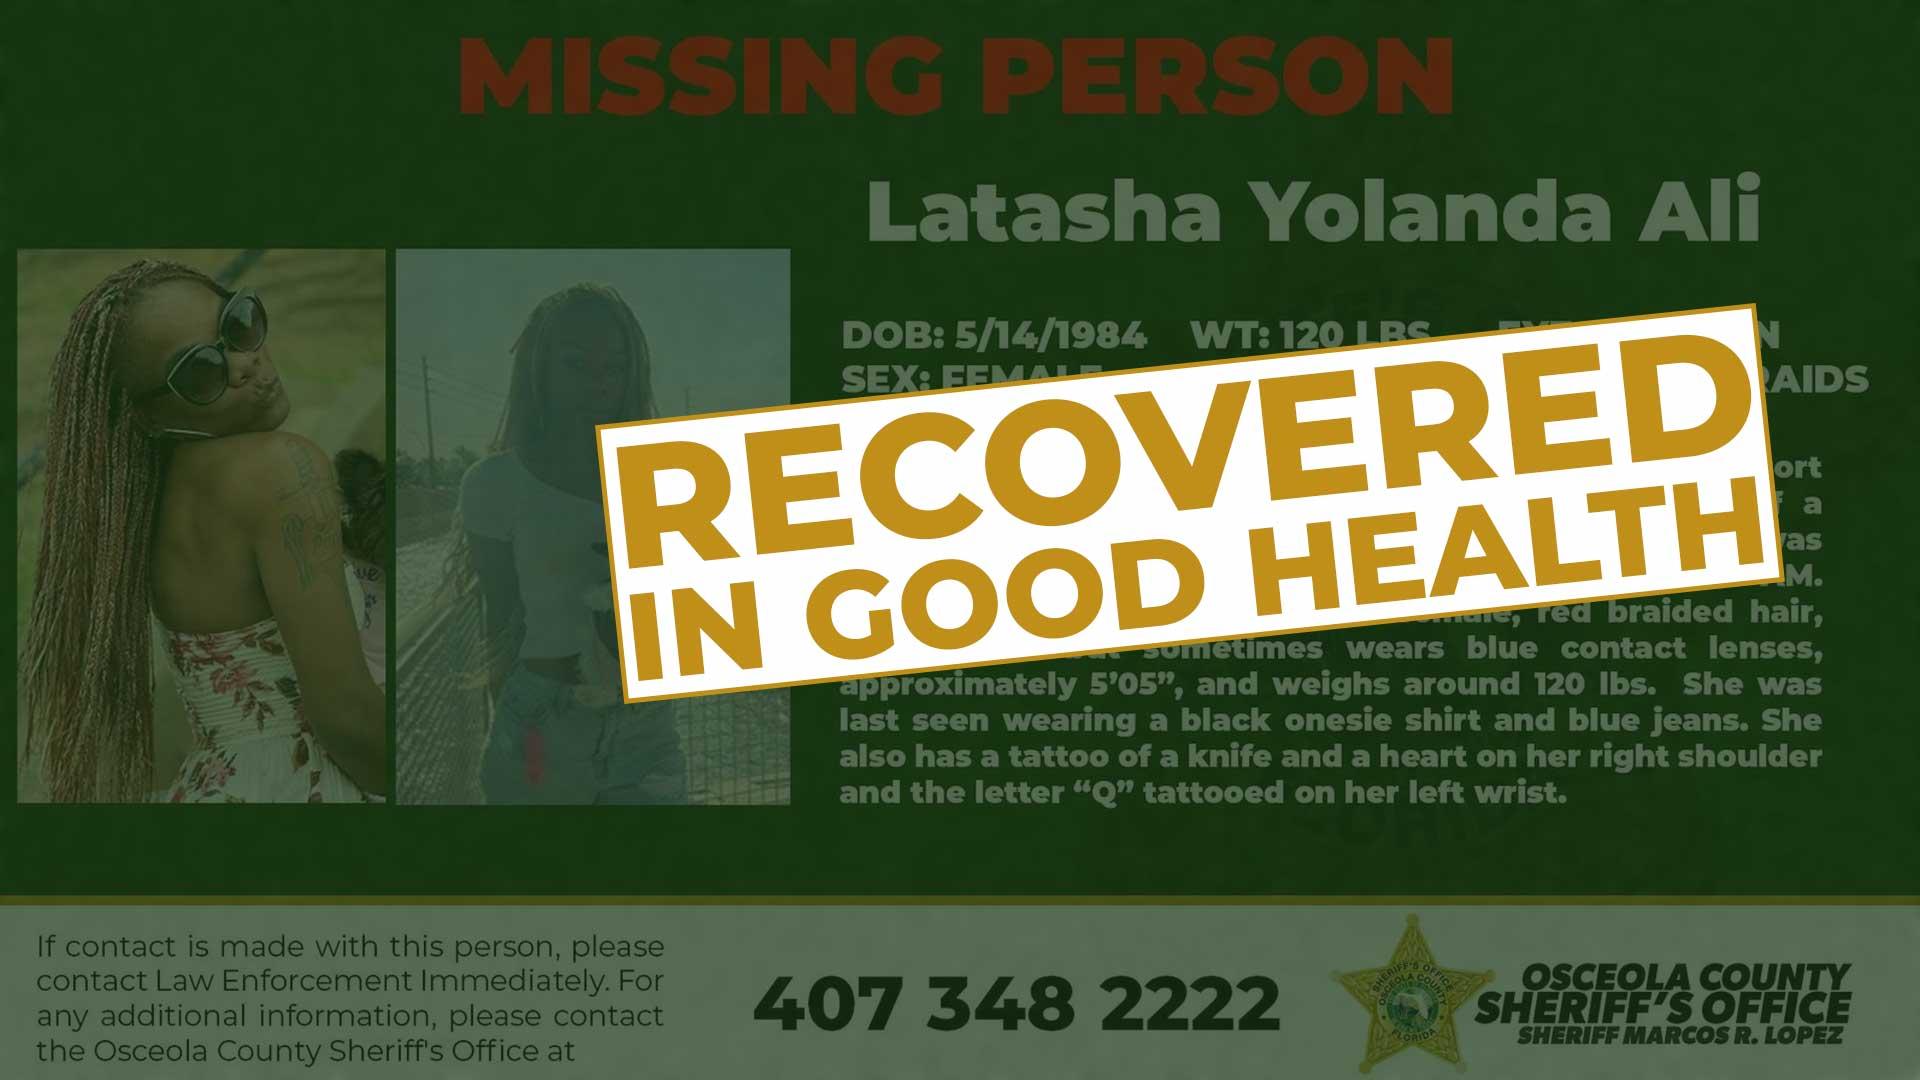 UPDATE MISSING MISSING ADULT - Latasha Yolanda Ali has been found in good health. #sheriffmarcoslopez #TogetherAsOne #osceolacounty #unitedforosceolacounty #lawenforcement #protectandserve